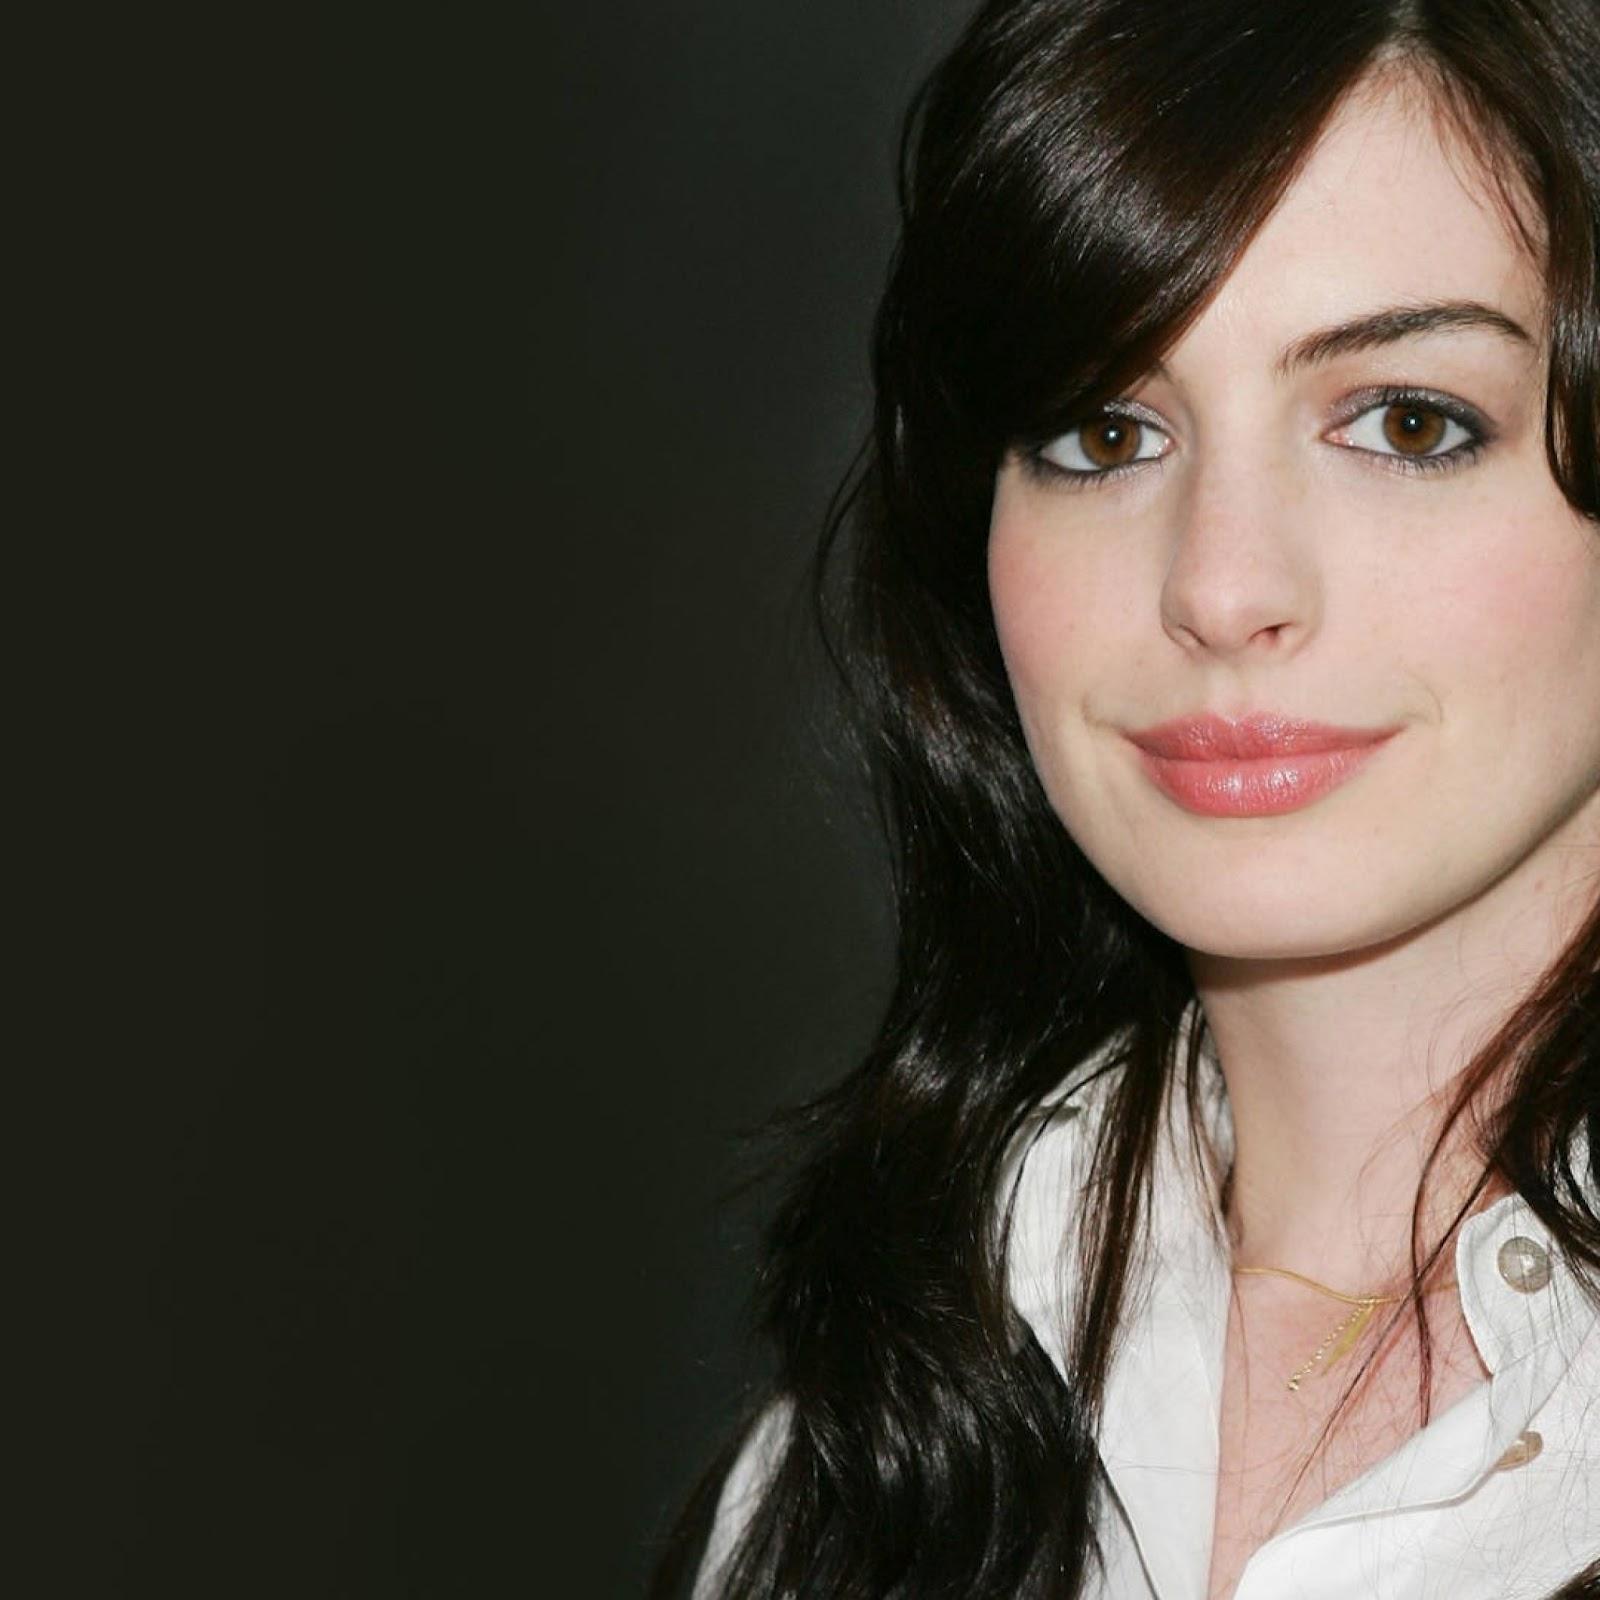 5760x1200 Wallpaper: Anne Hathaway Wallpaper Widescreen